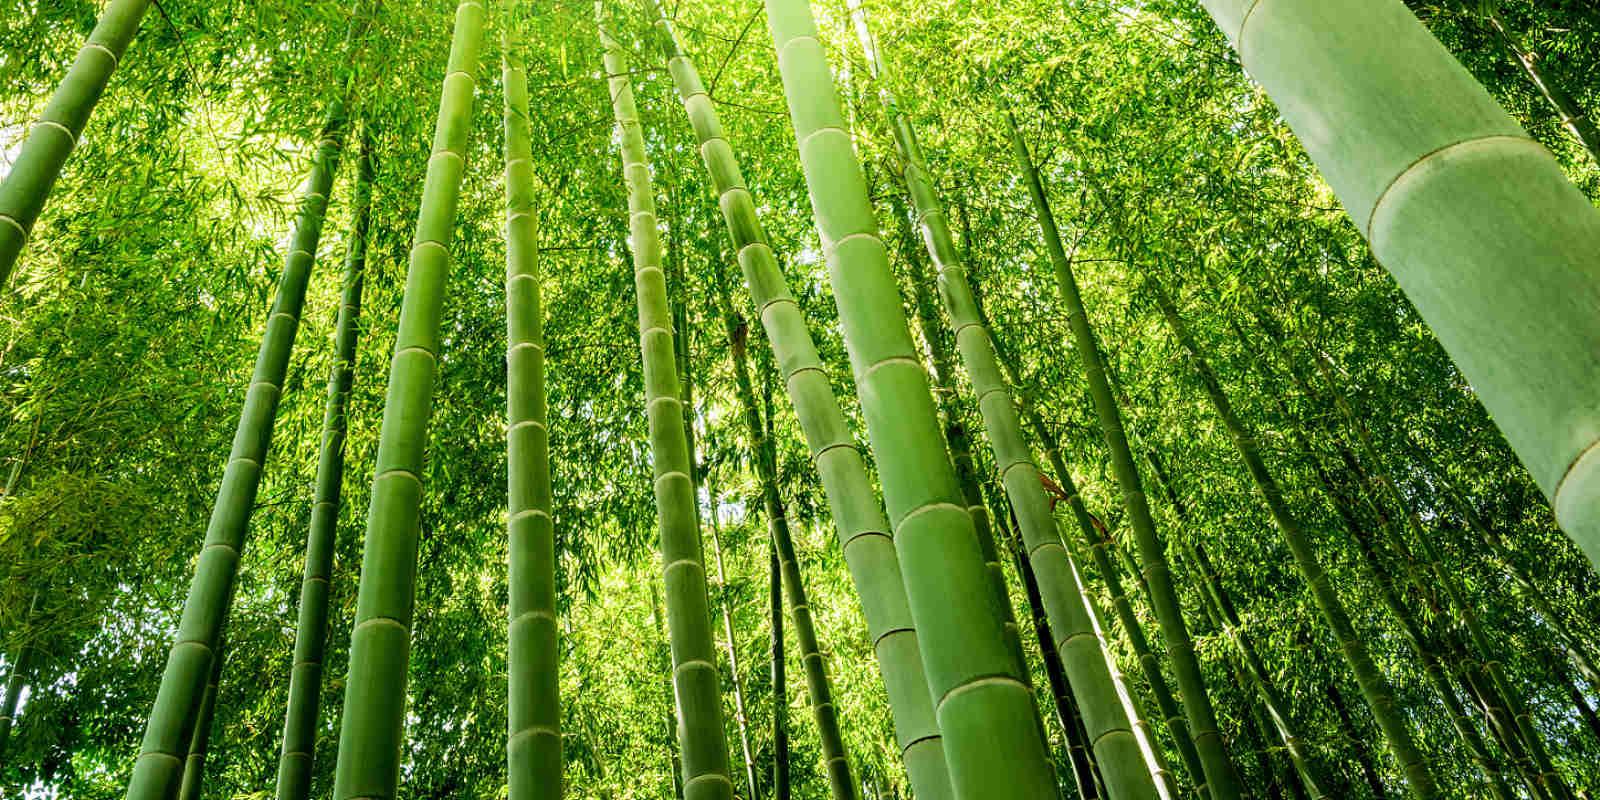 Bambuswald bei Sonne in intensivem grün.